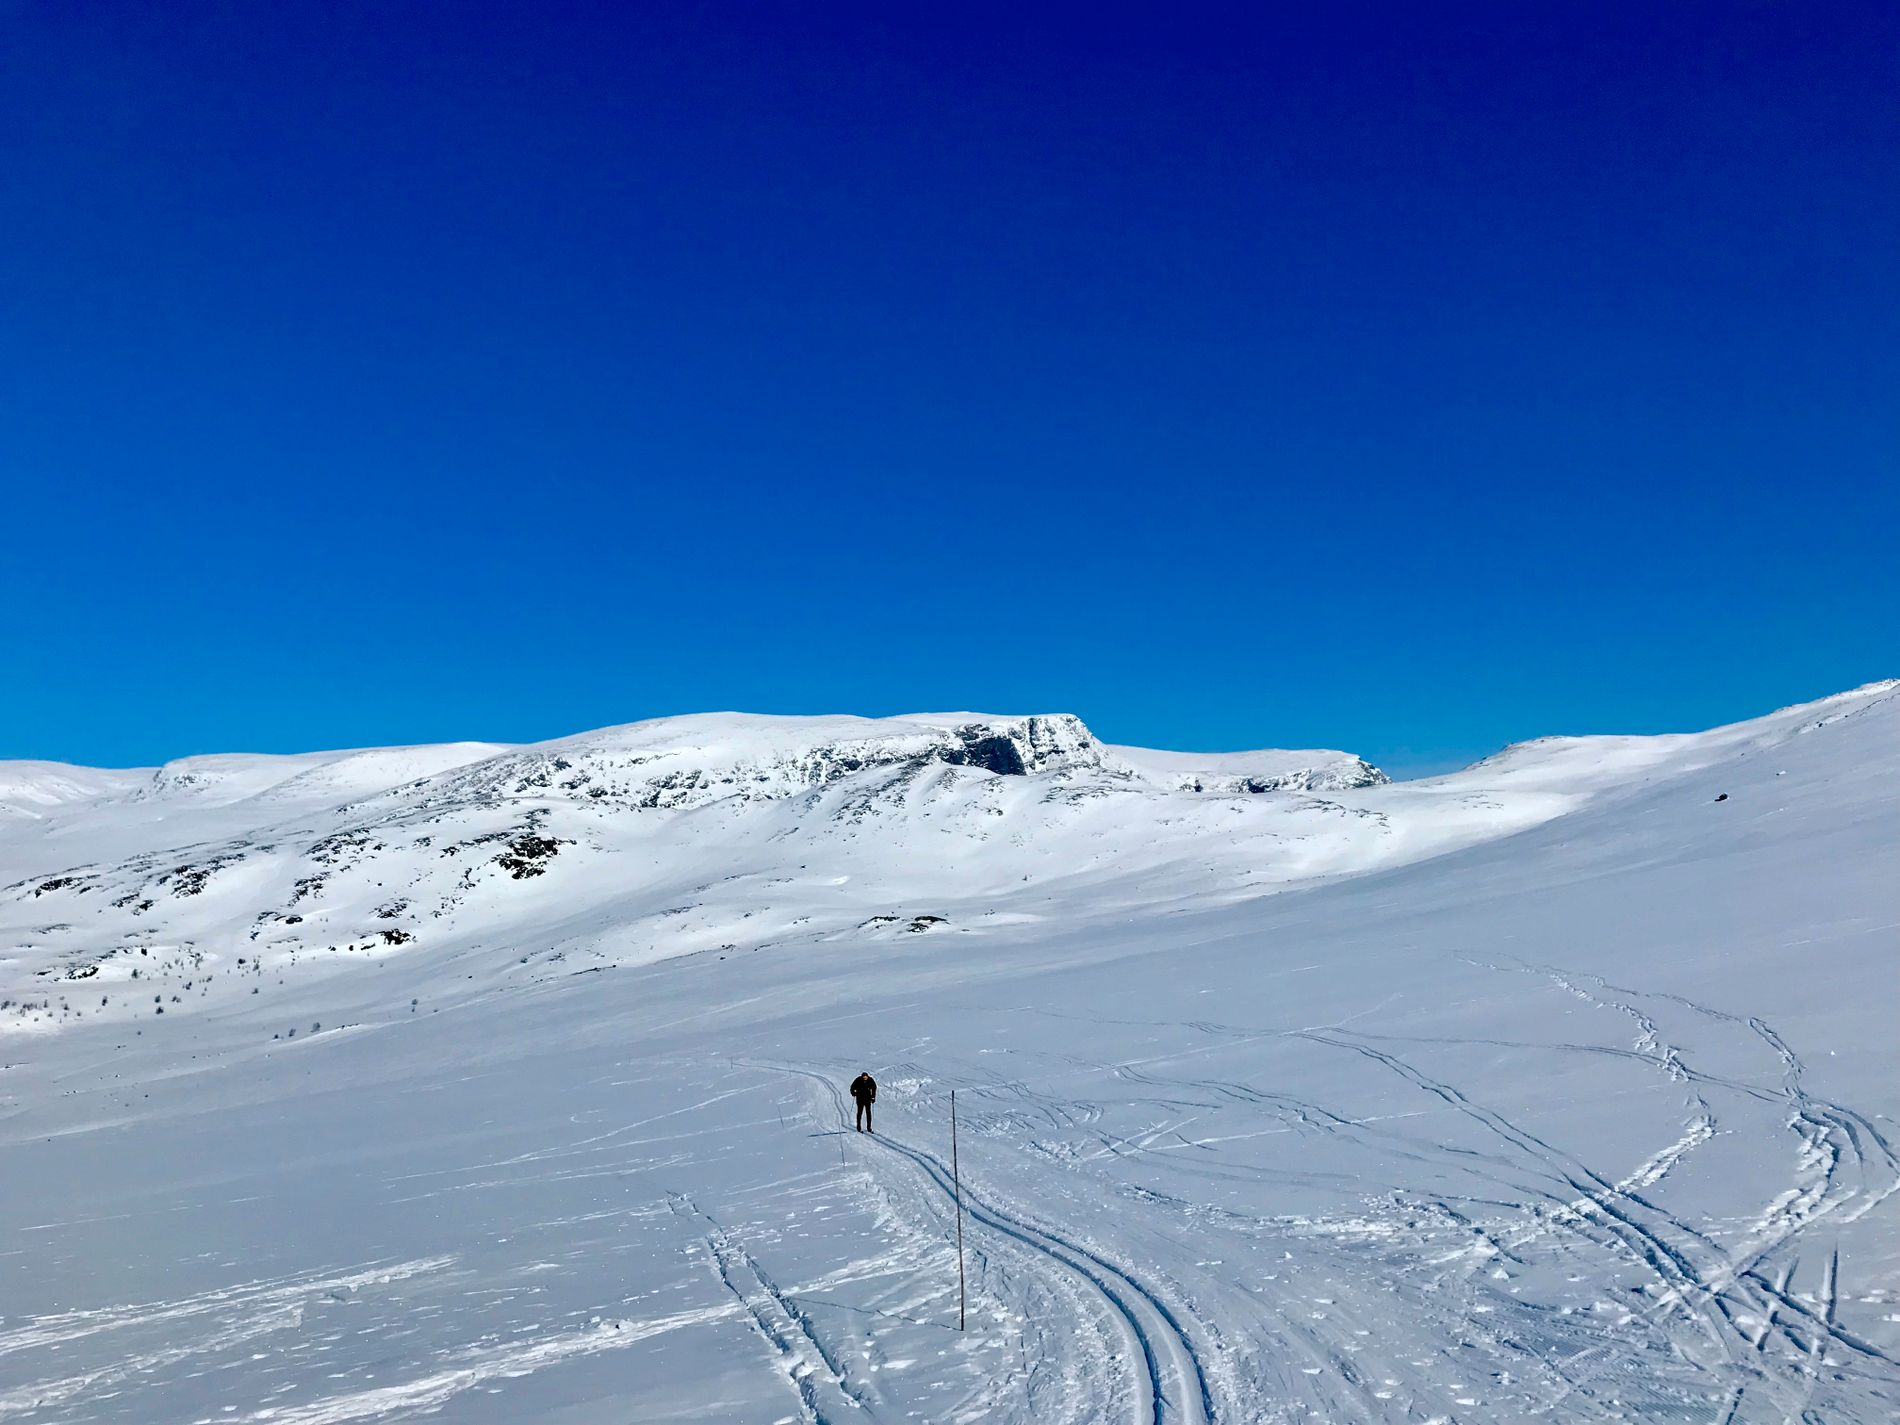 SKIFØRE: Er planen å ta skiene fatt i påsken, anbefaler meteorologene å trekke opp i høyden.